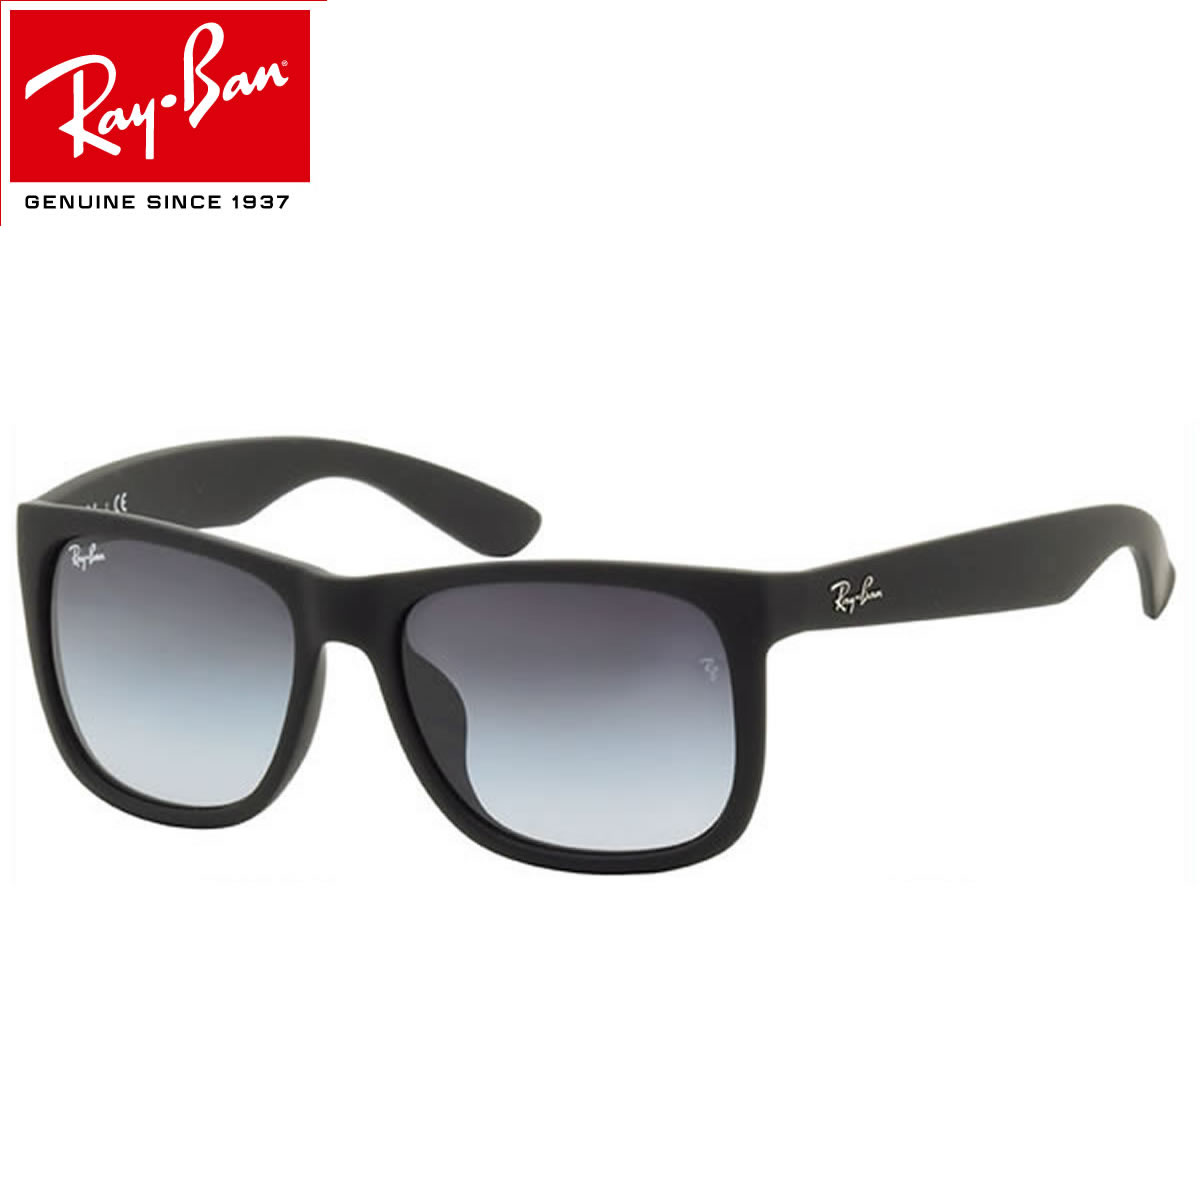 レイバン サングラス 安心の 正規商品販売店 保証書付属します 日本全国送料無料 14時までのご注文は即日発送可 ジャスティン Ray-Ban RB4165F 622 ウェイファーラー 8G 度数付き対応 フルフィット 高級品 WAYFARER メンズ 55サイズ レディース 販売実績No.1 6228G RAYBAN JUSTIN